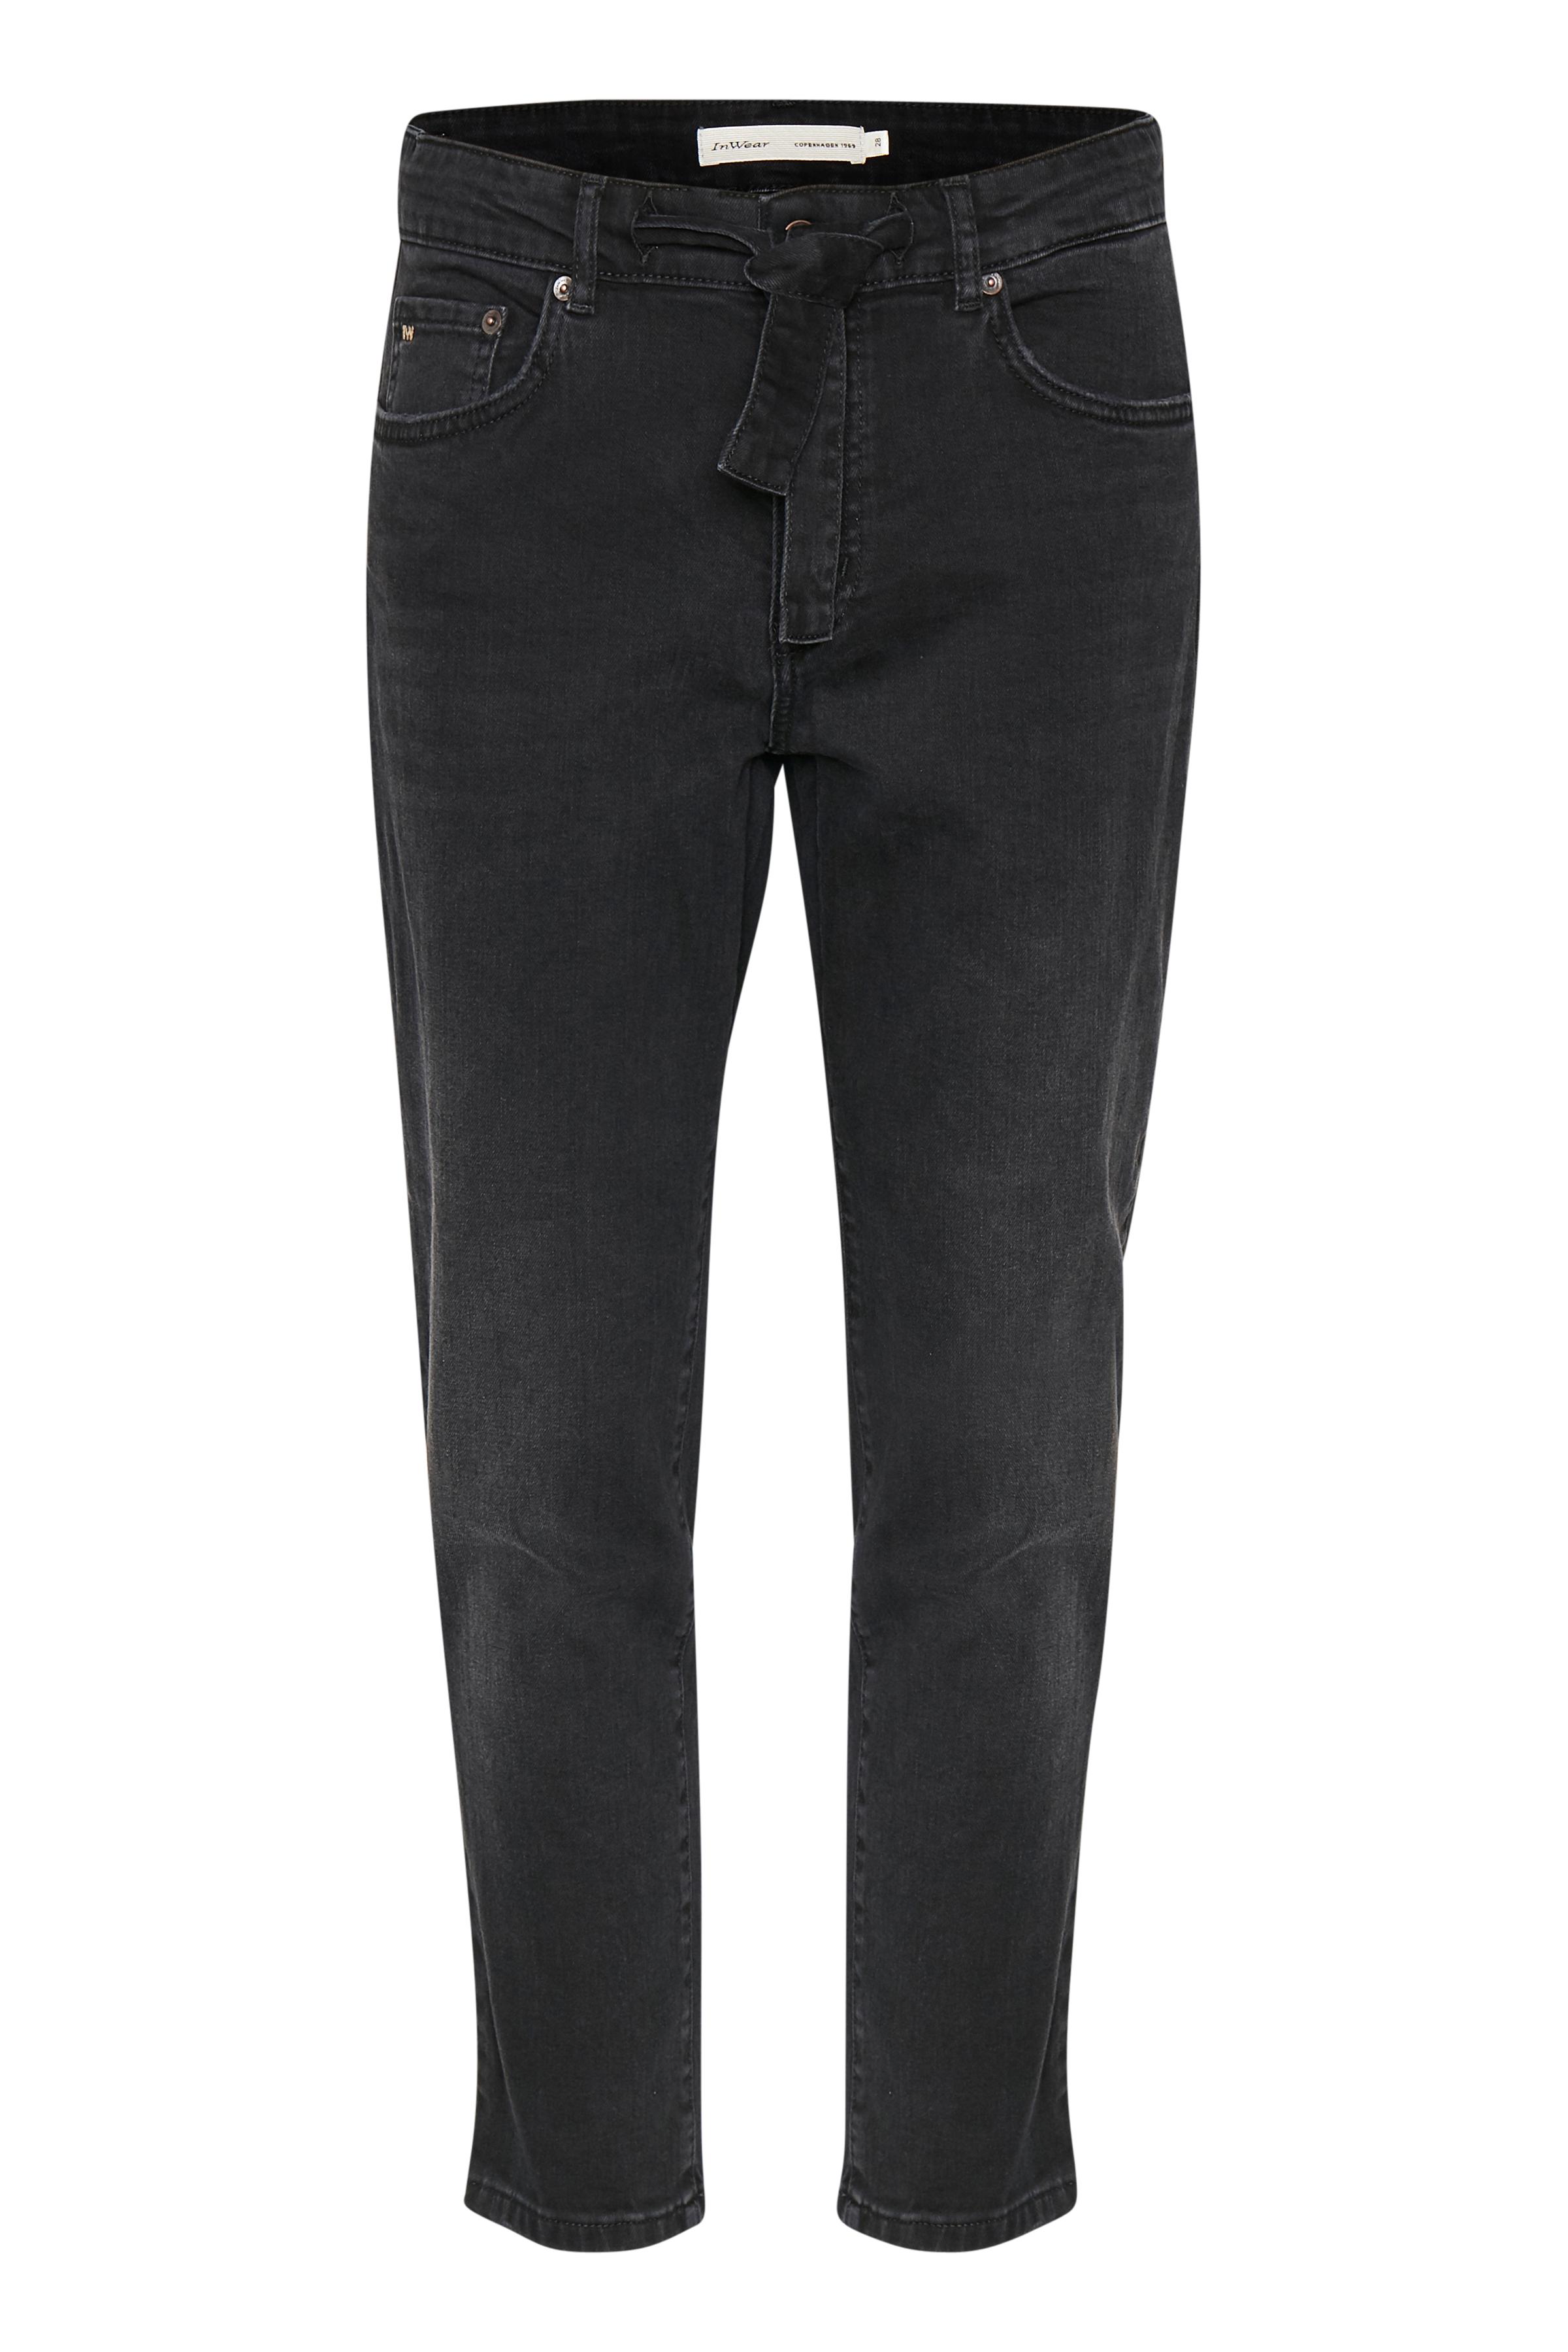 Dark Grey Wash Jeans – Køb Dark Grey Wash Jeans fra str. 26-33 her